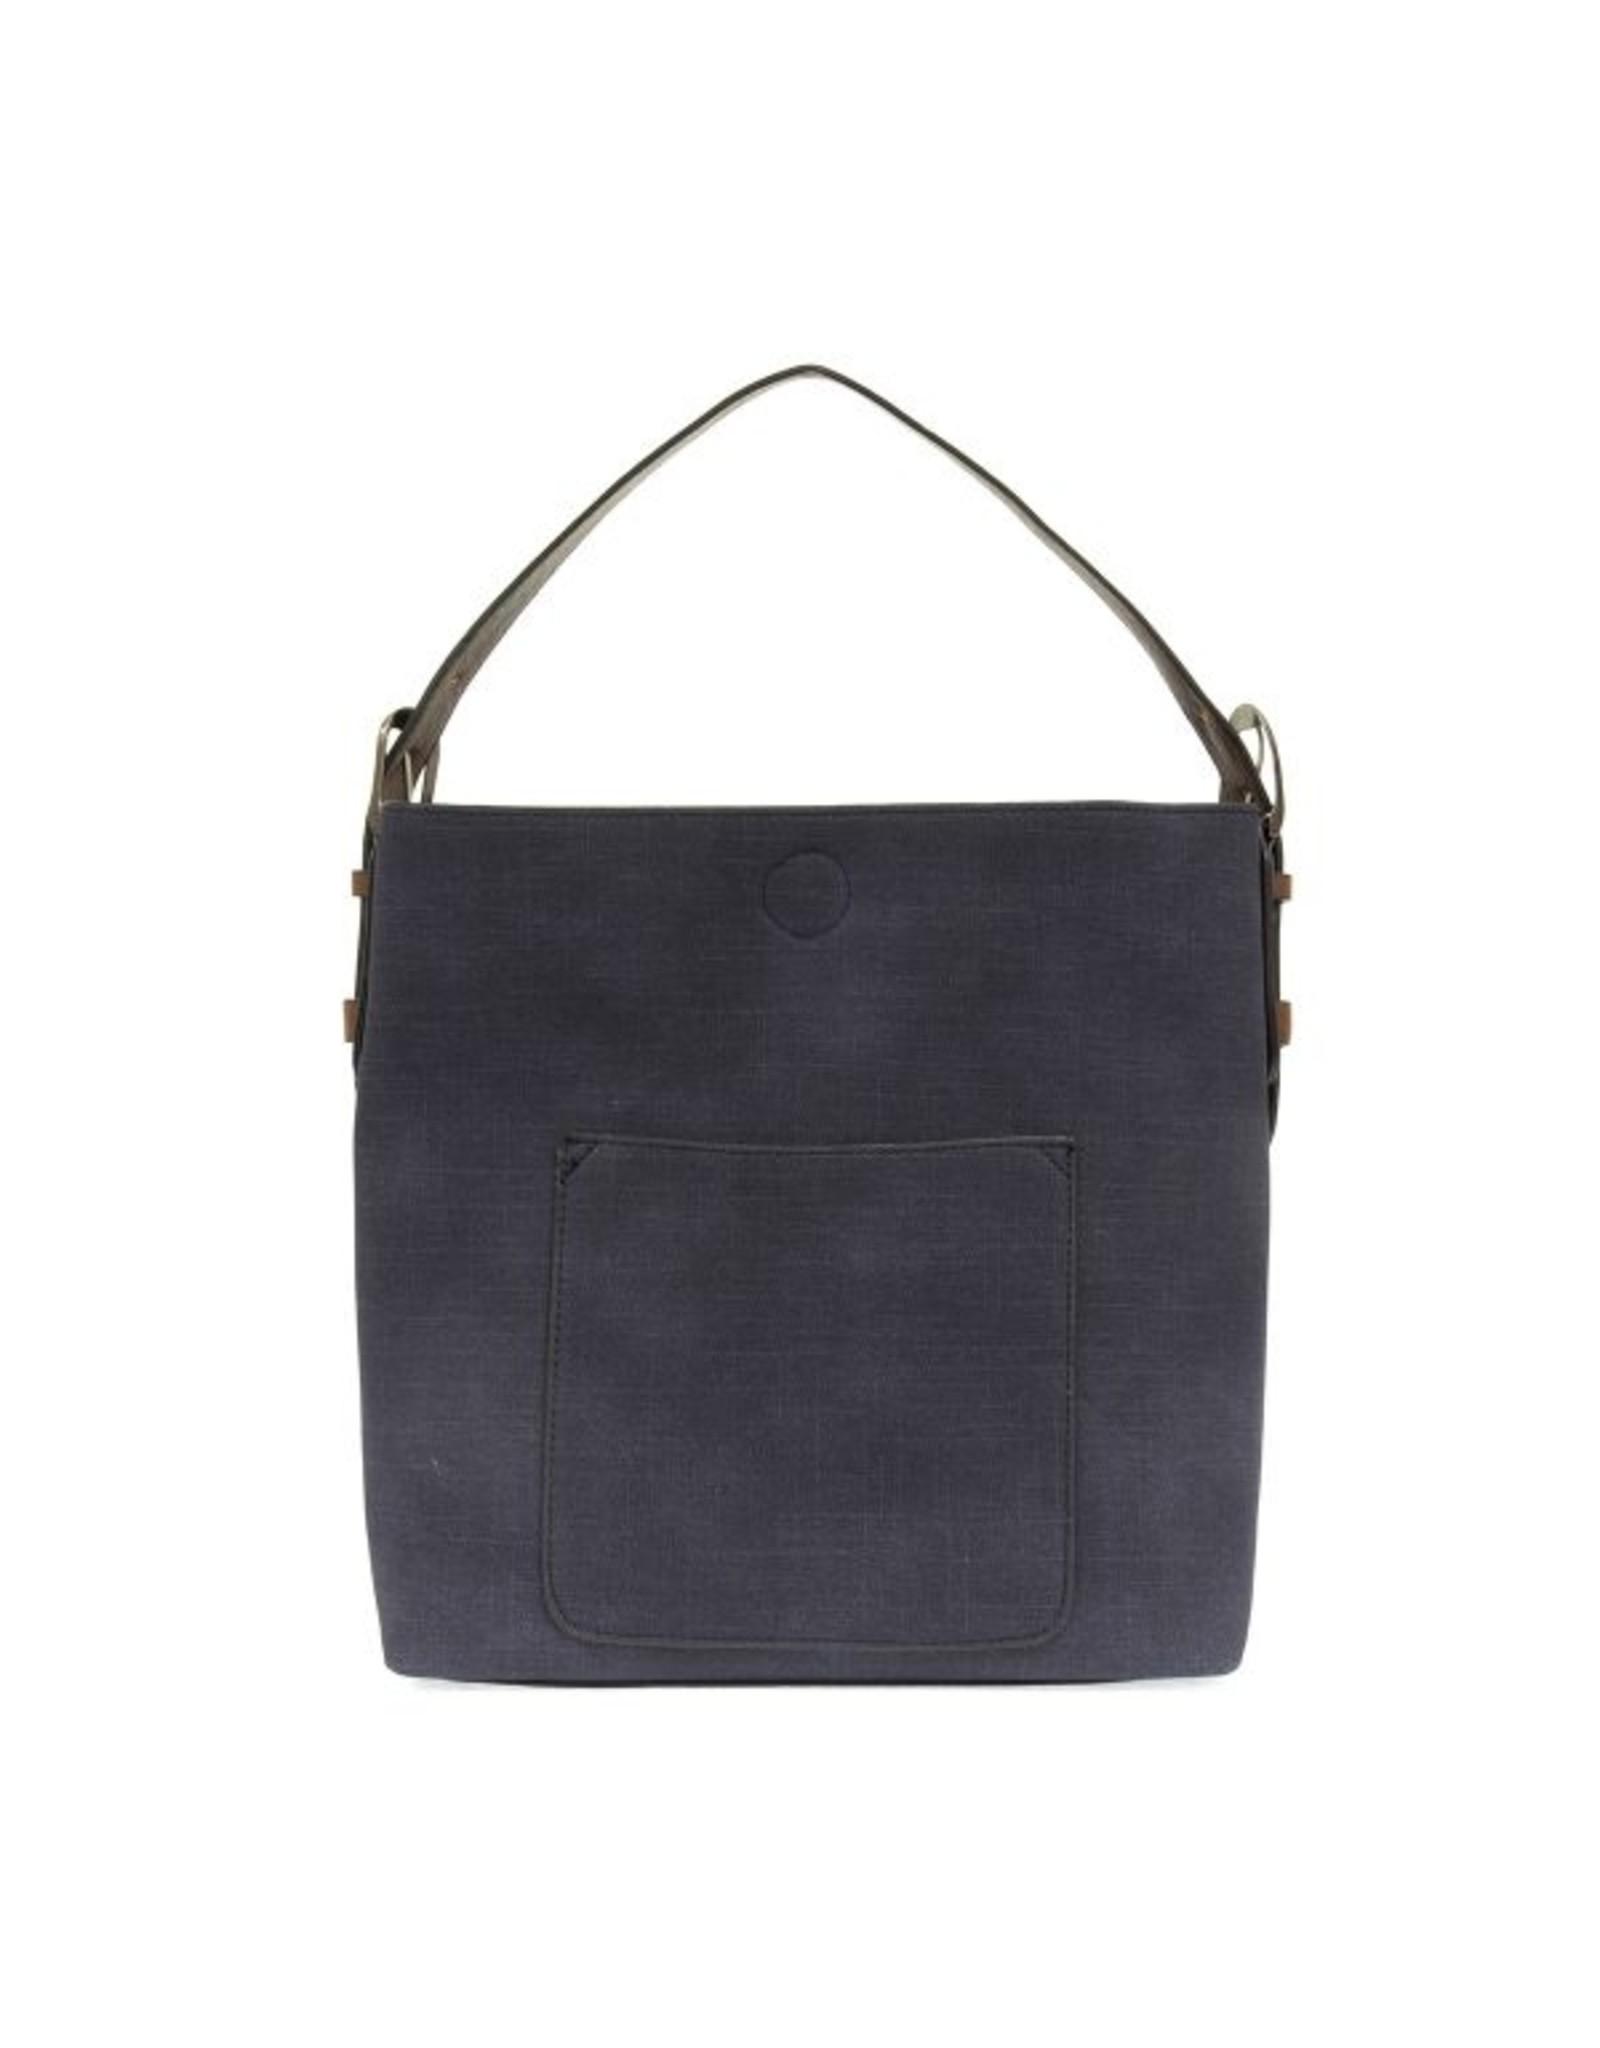 Linen Hobo Handbag With Coffee Handle - Assorted